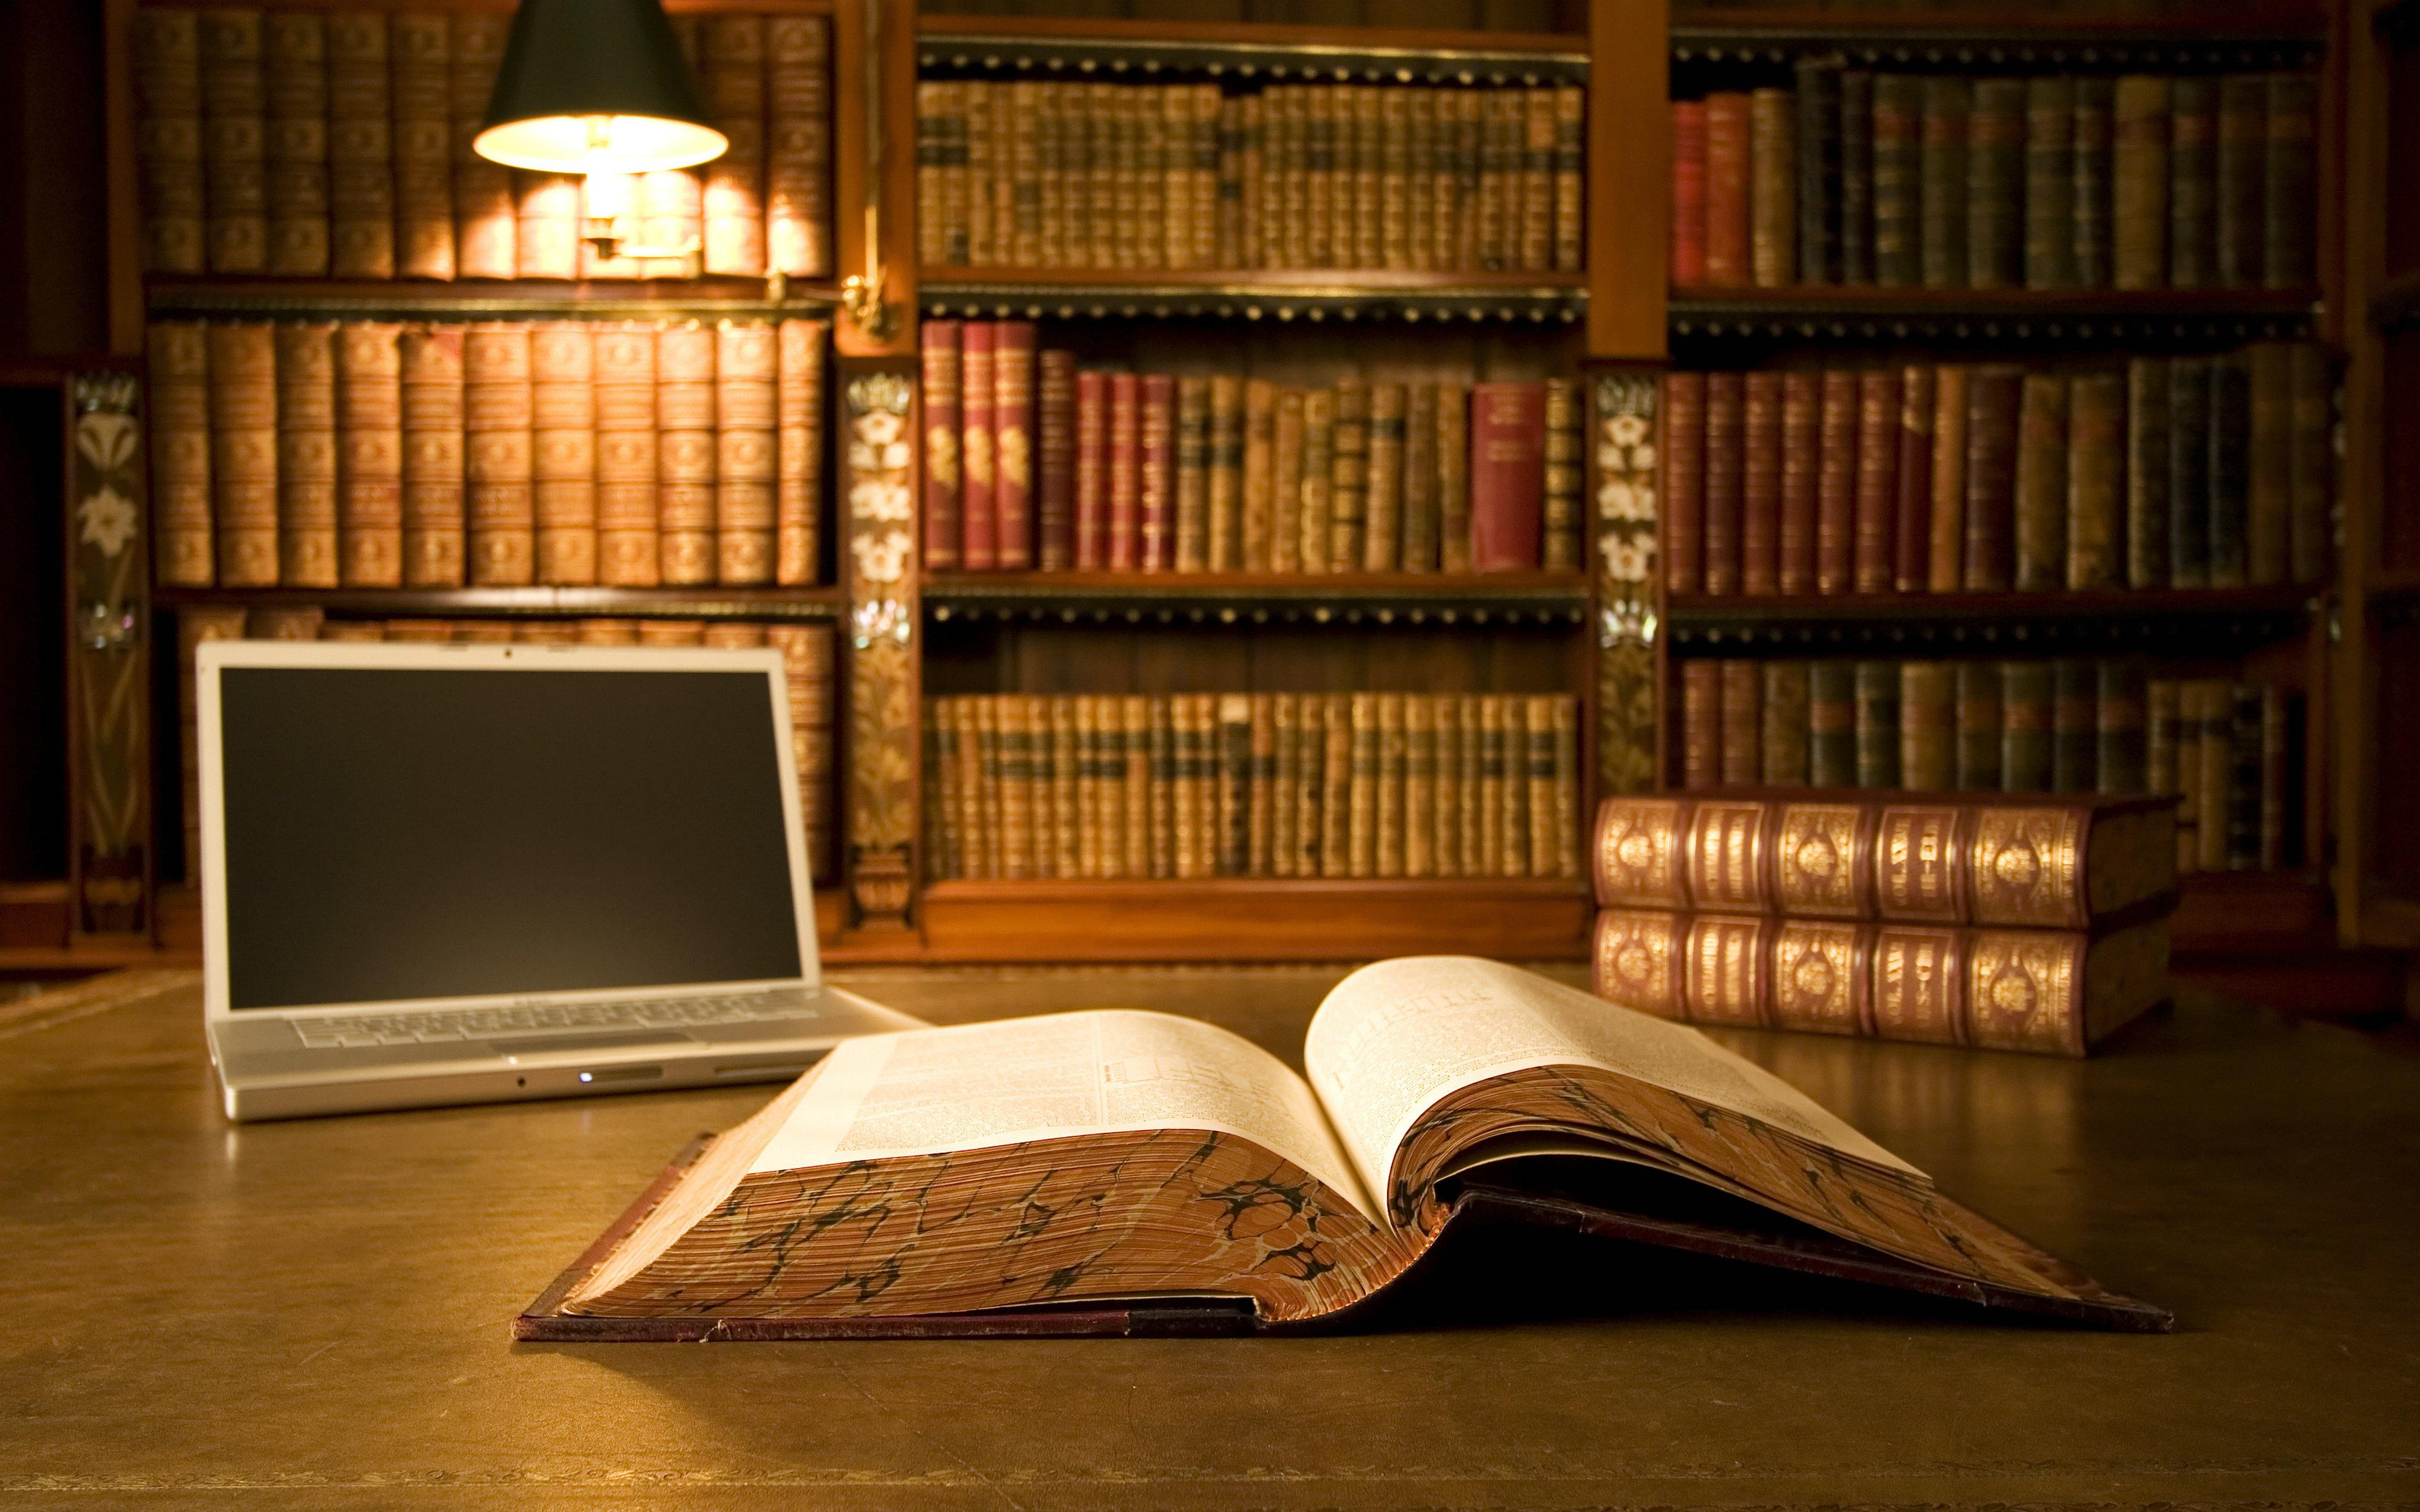 Фото ноутбуки библиотека книга вблизи.